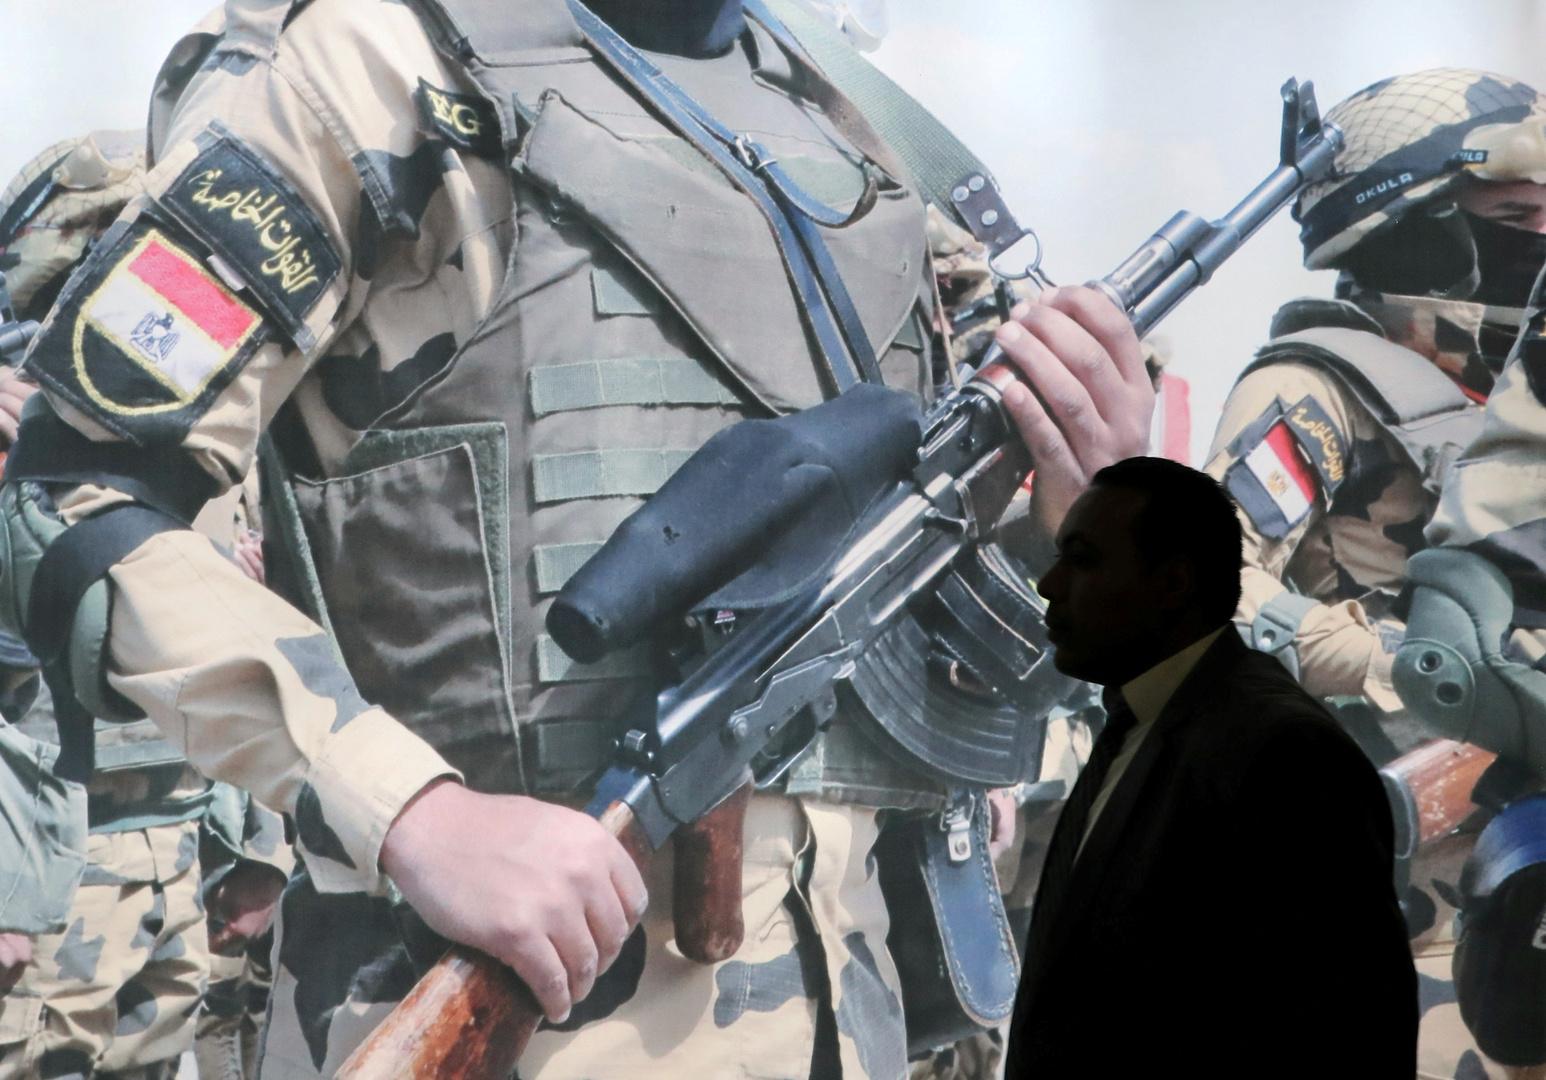 مصر تصنع أحدث سلاح من نوعه محليا (صور)